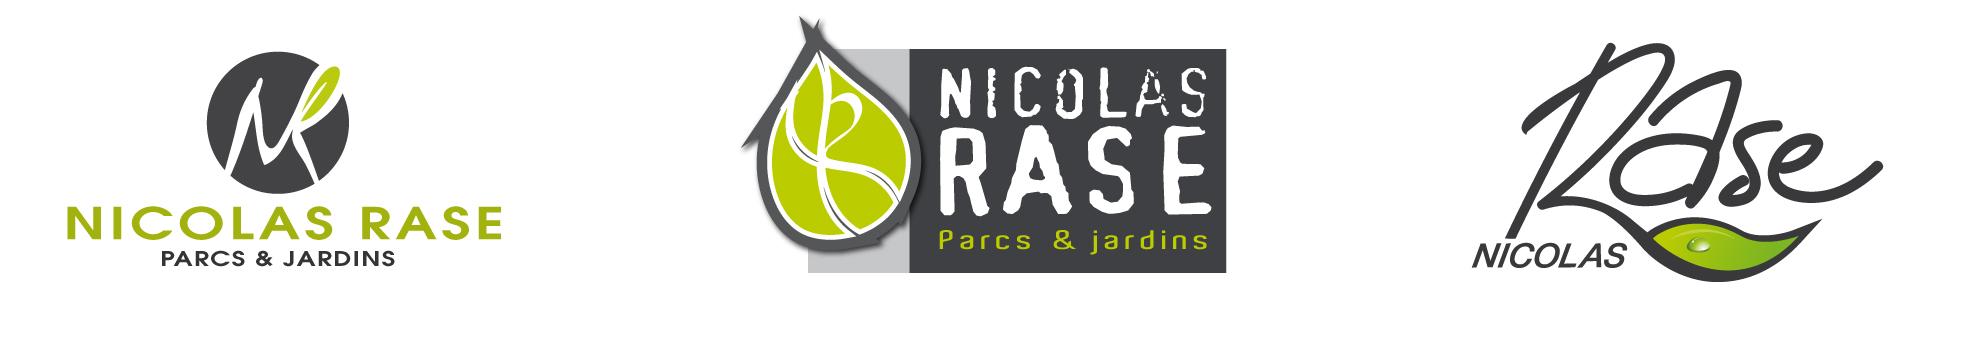 nicolas-rase-prj